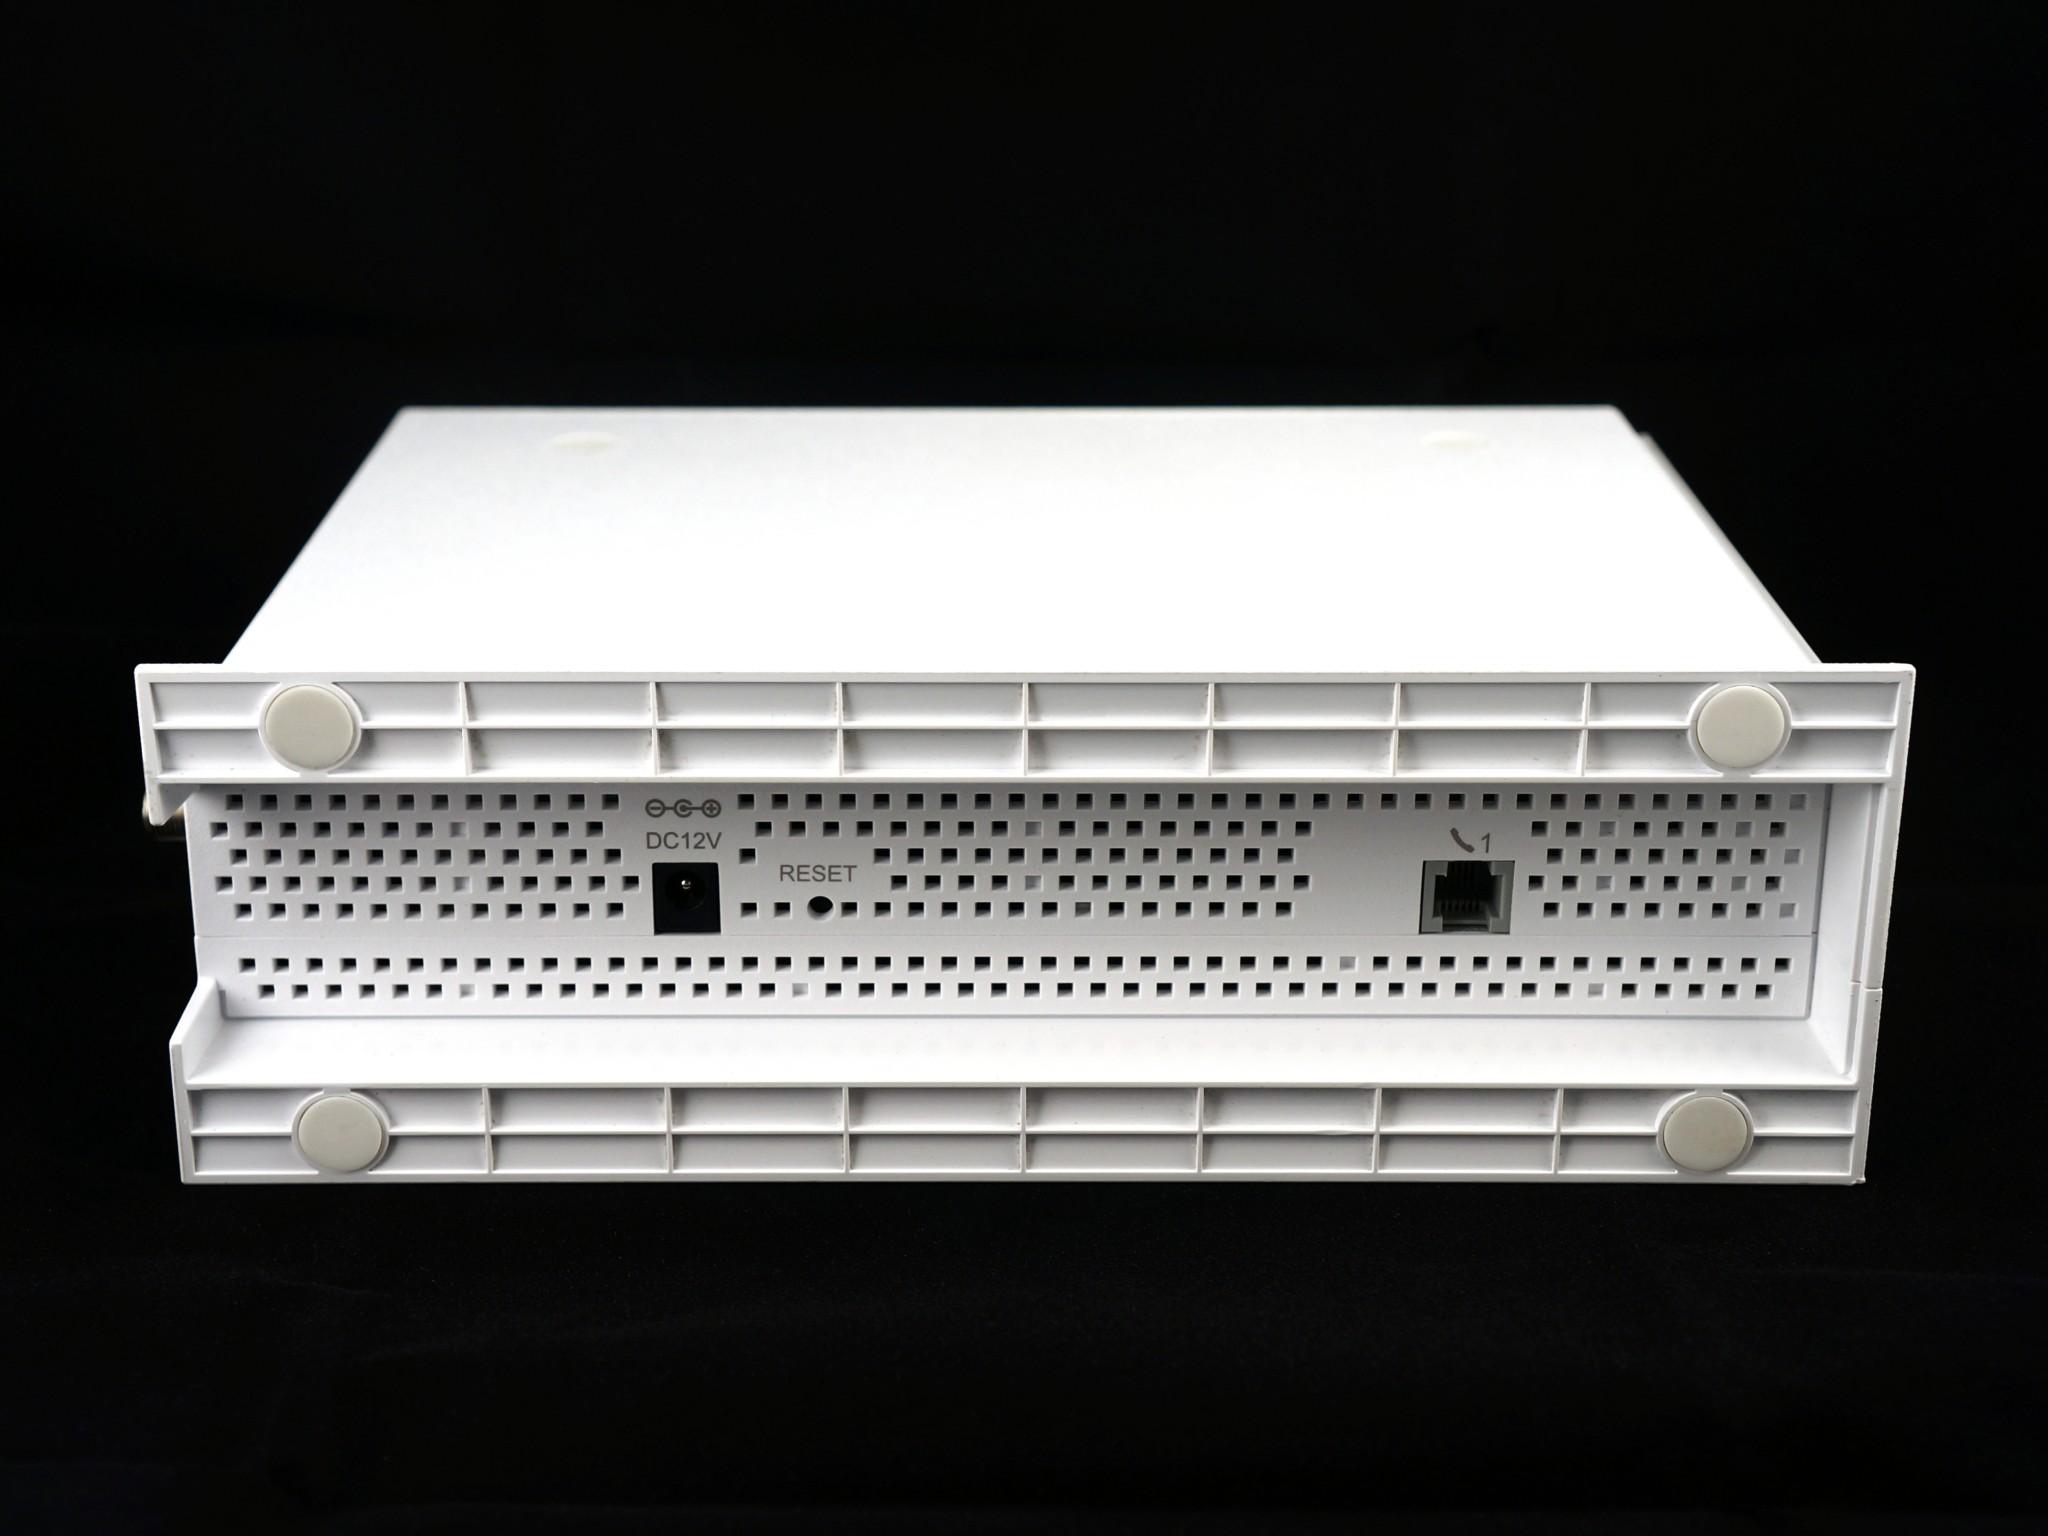 Sagemcom F St 3686 Ac Docsis 3 0 Wireless Gateway Modem